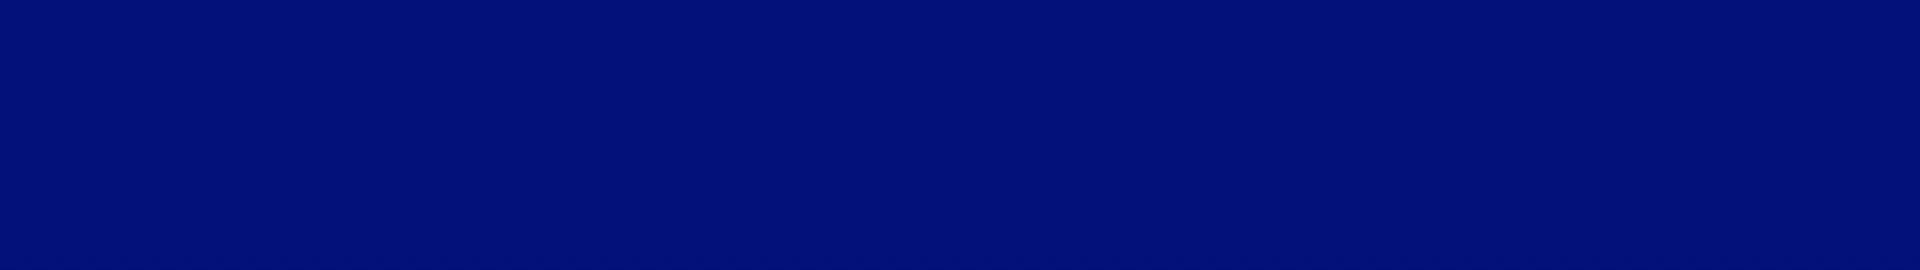 hintergrund-blau